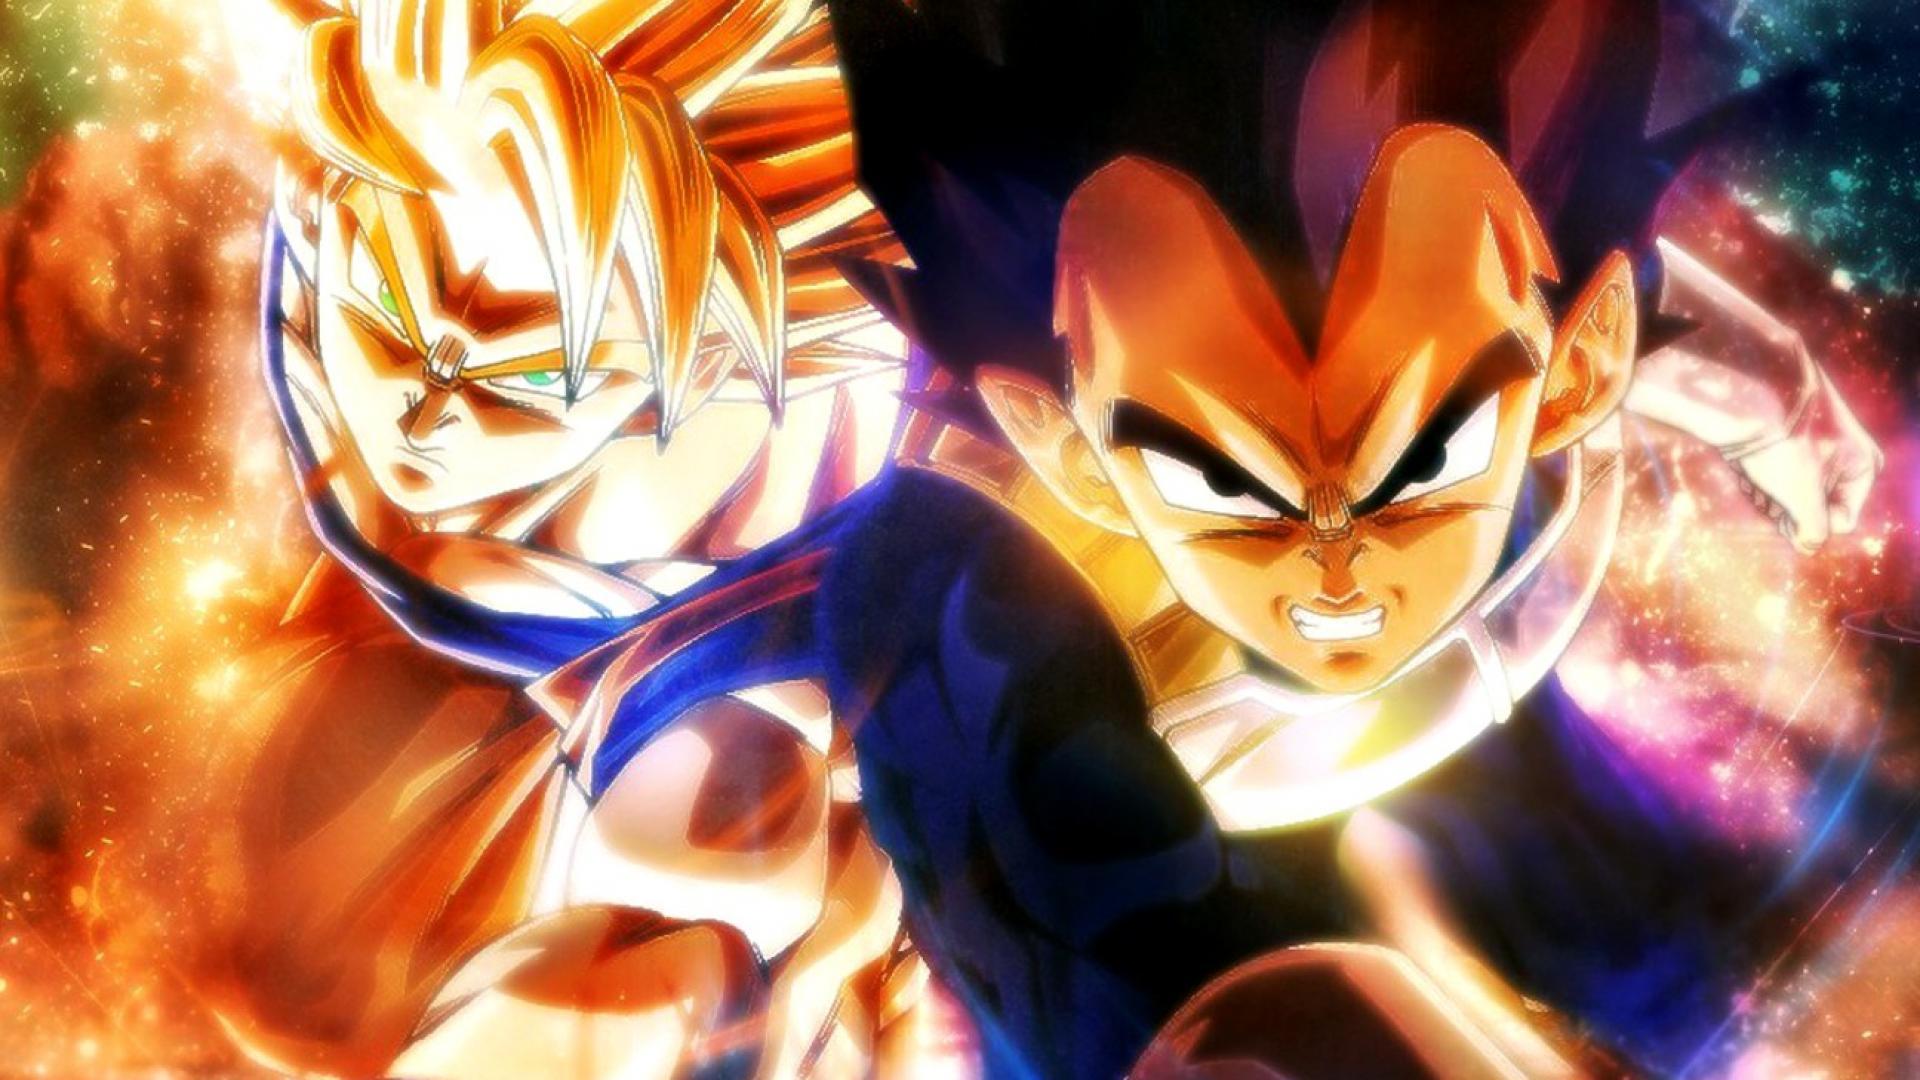 Top Vegeta Goku Wallpaper 1600x900 Wallpapers 1920x1080